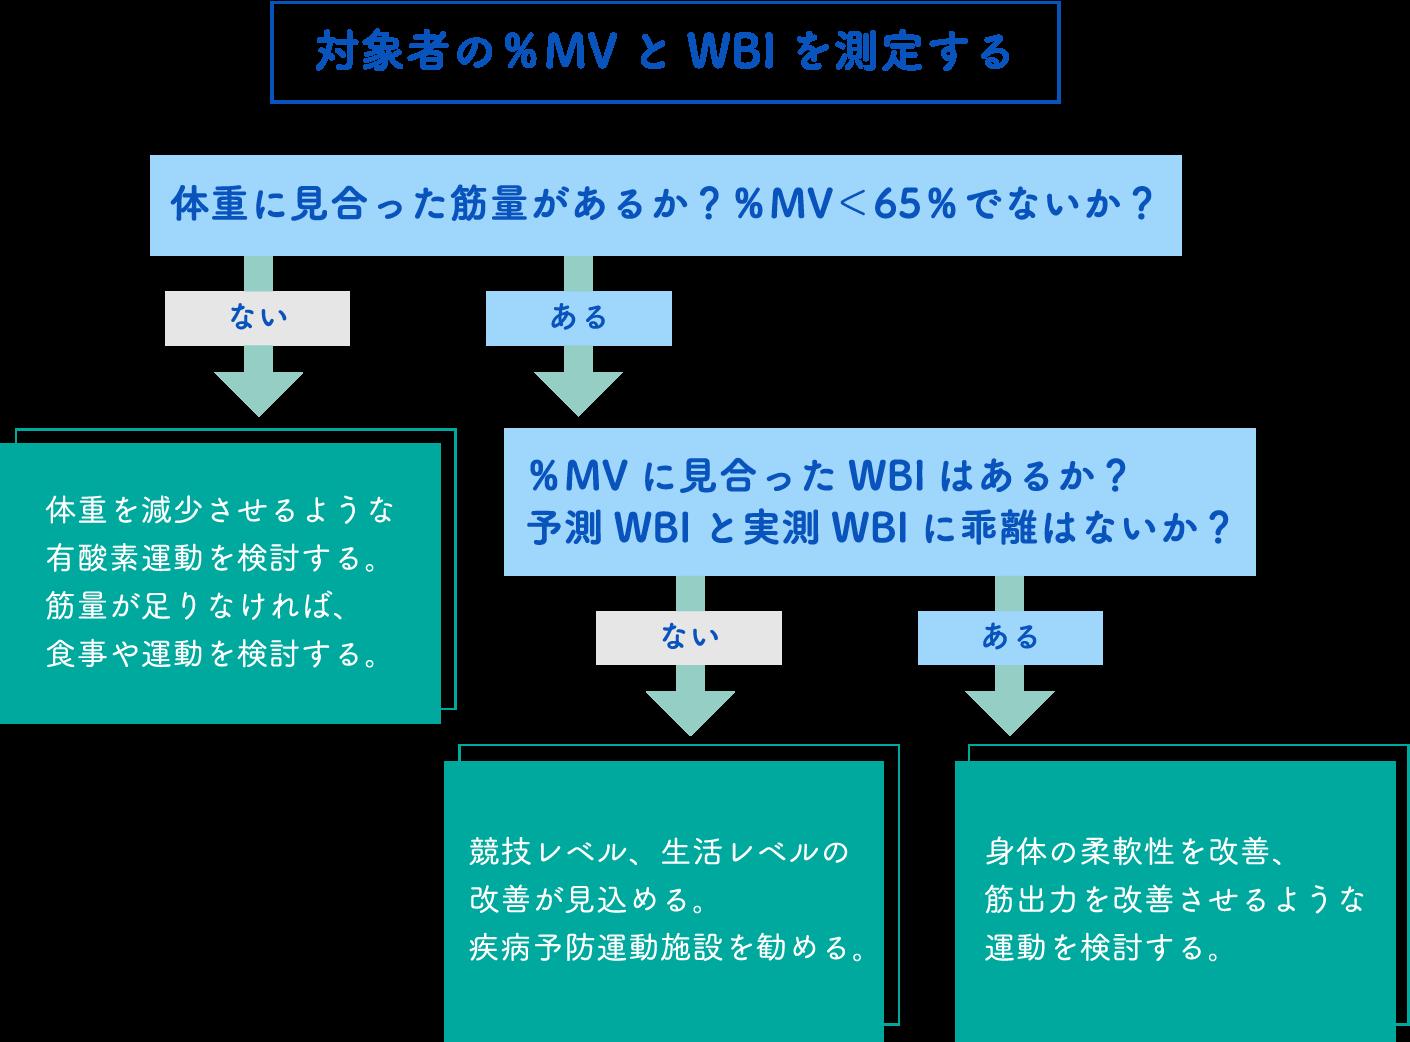 対象者の%MVとWBIを測定する